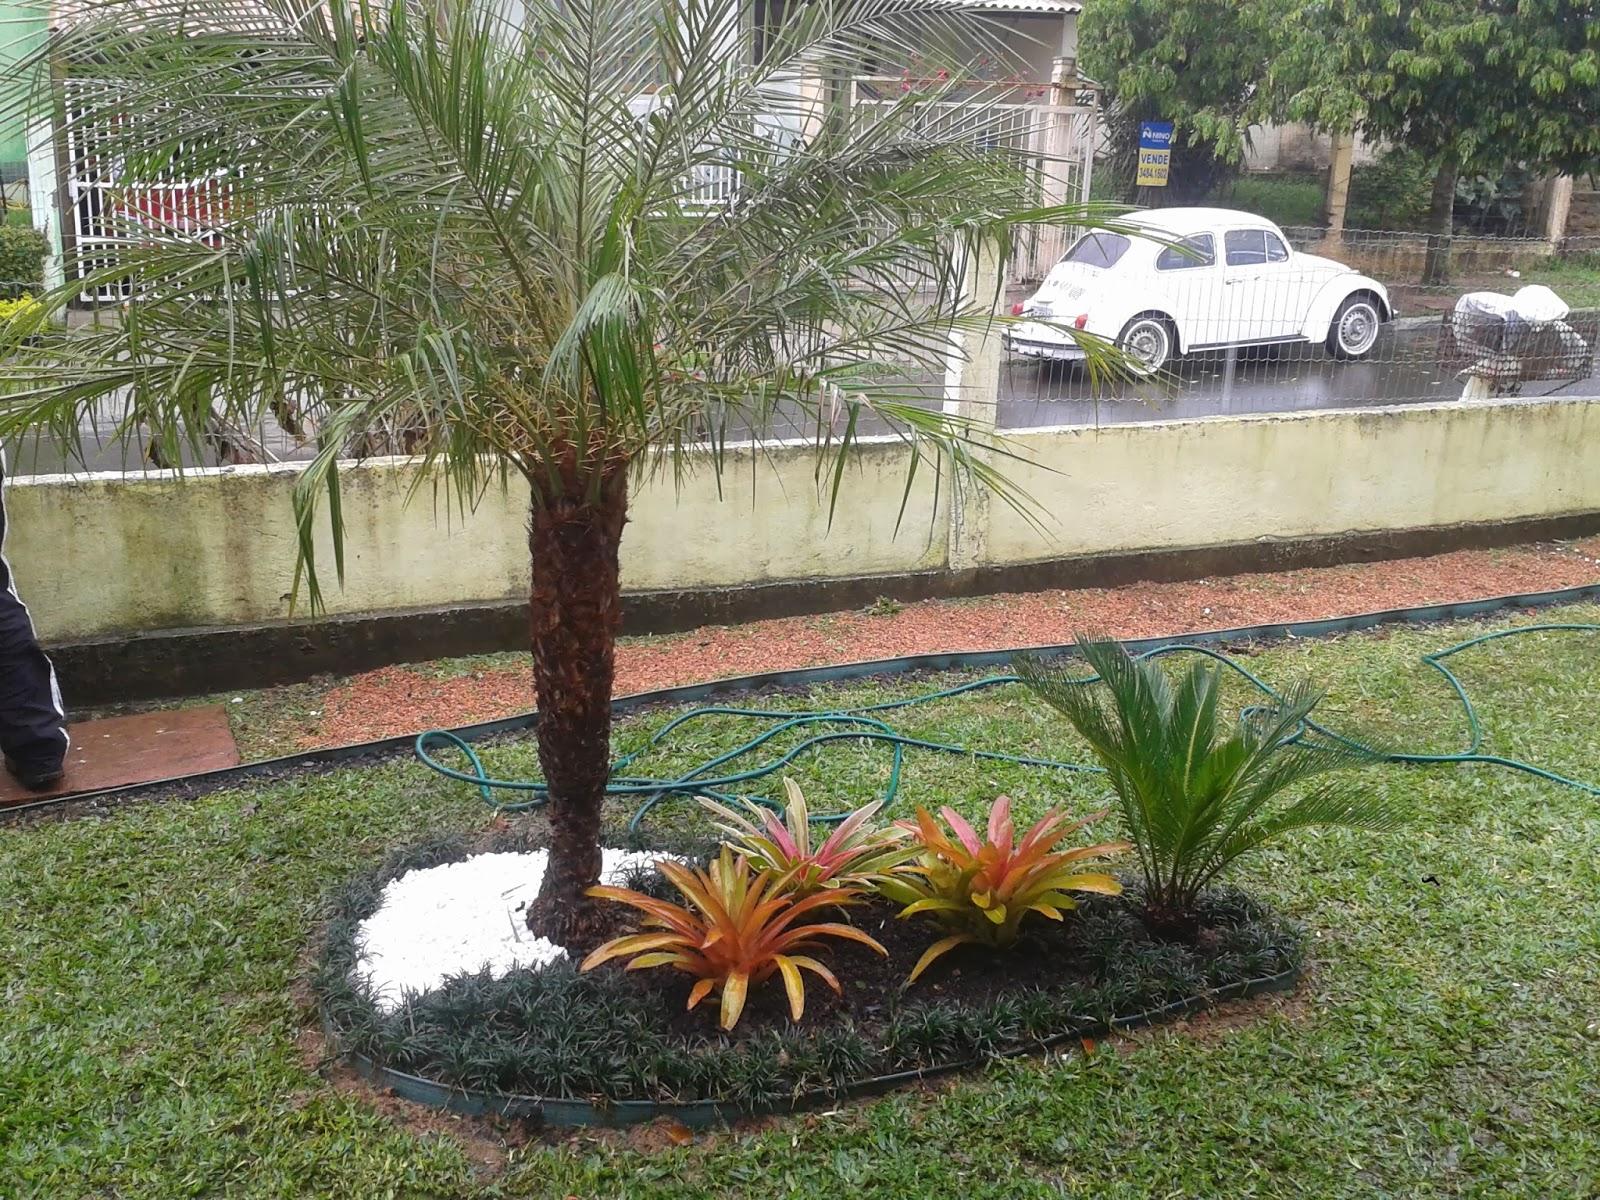 cerca para jardim tramontina : Datoonz.com = Cerca Vazada Para Jardim Tramontina - 1 ...